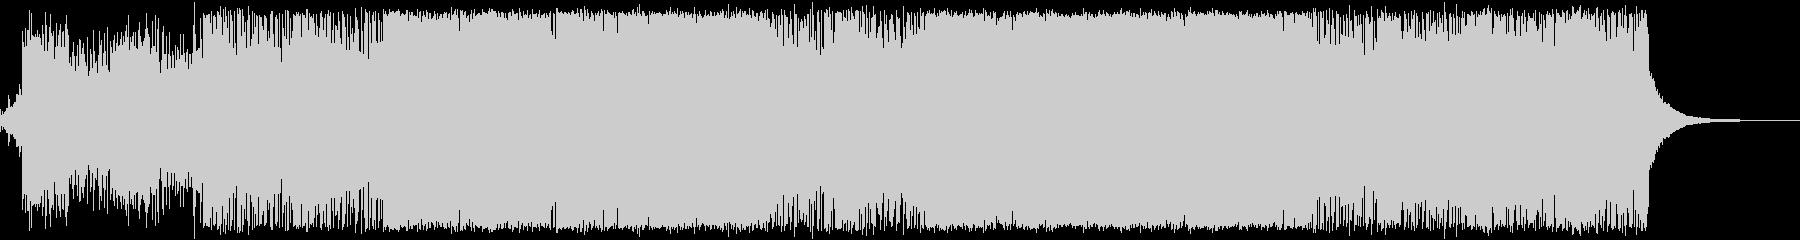 ボス戦/アクション/エレクトロの未再生の波形